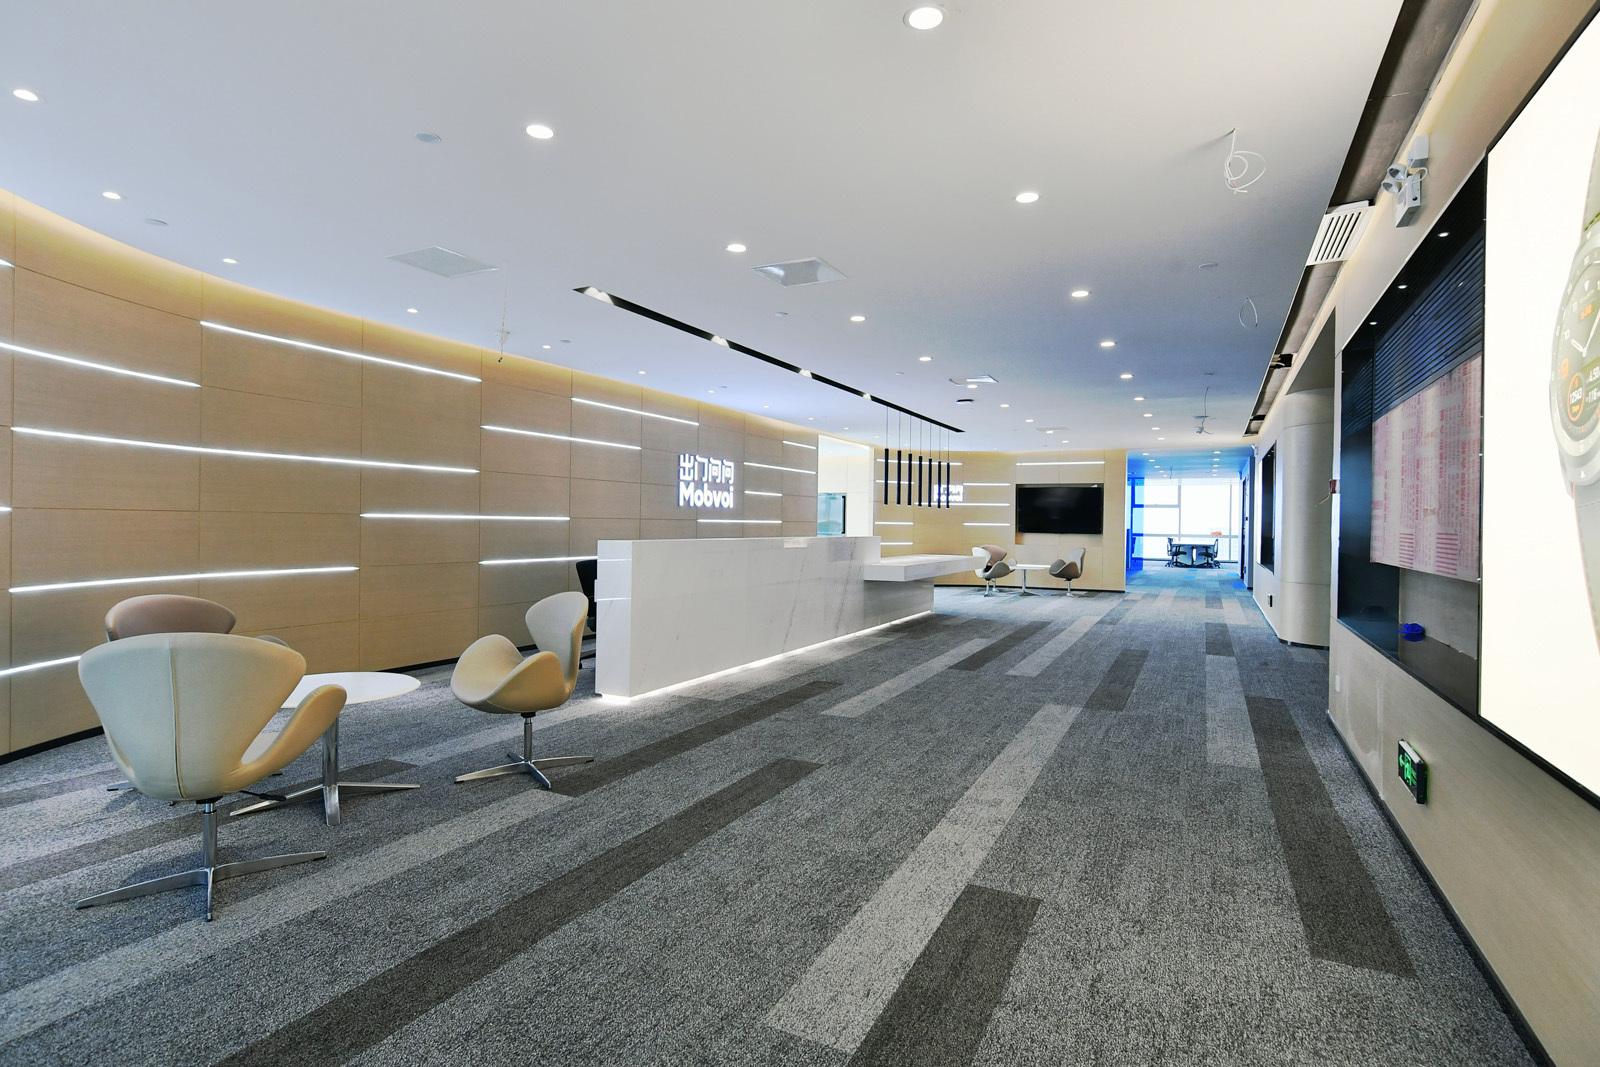 合肥办公室装修中灯光设计每个空间区域有什么不同?图片